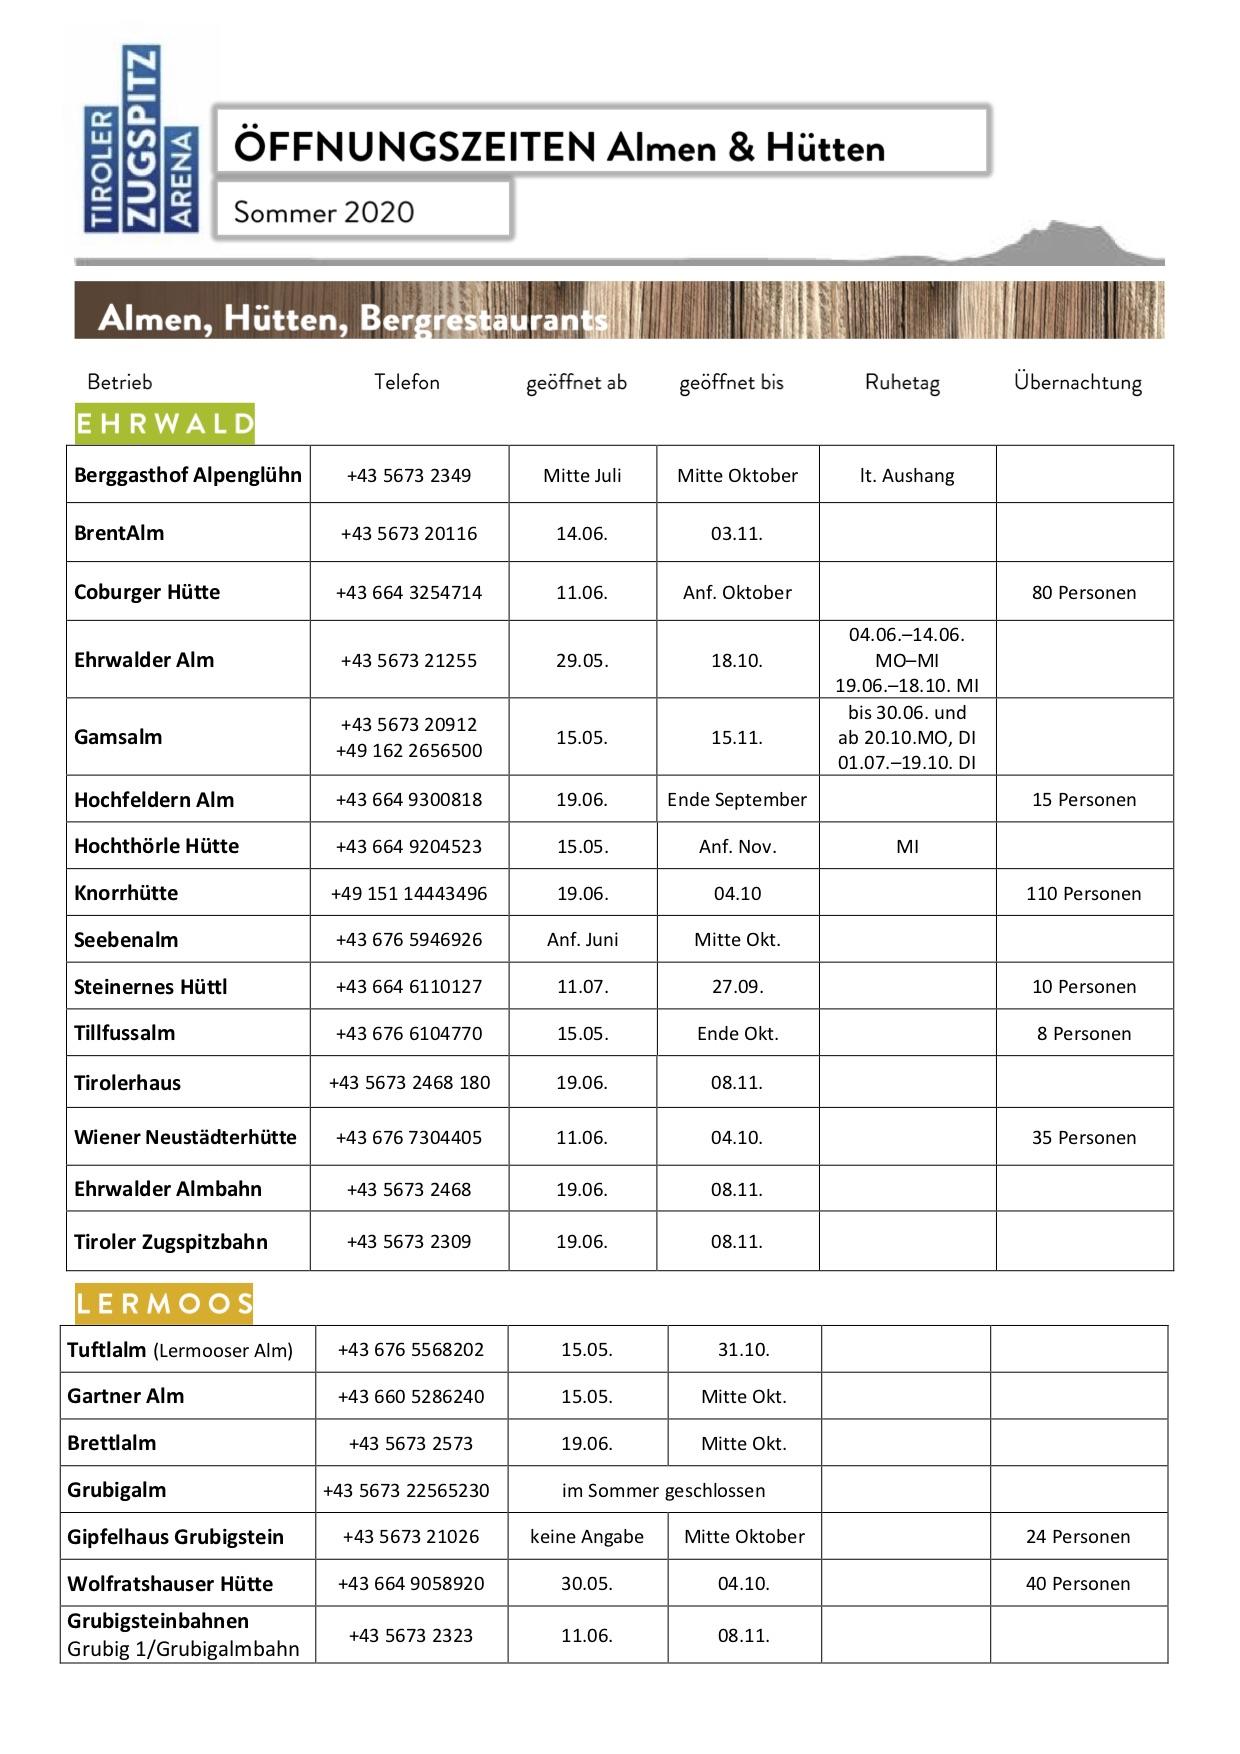 Öffnungszeiten Almen&Hütten 2020